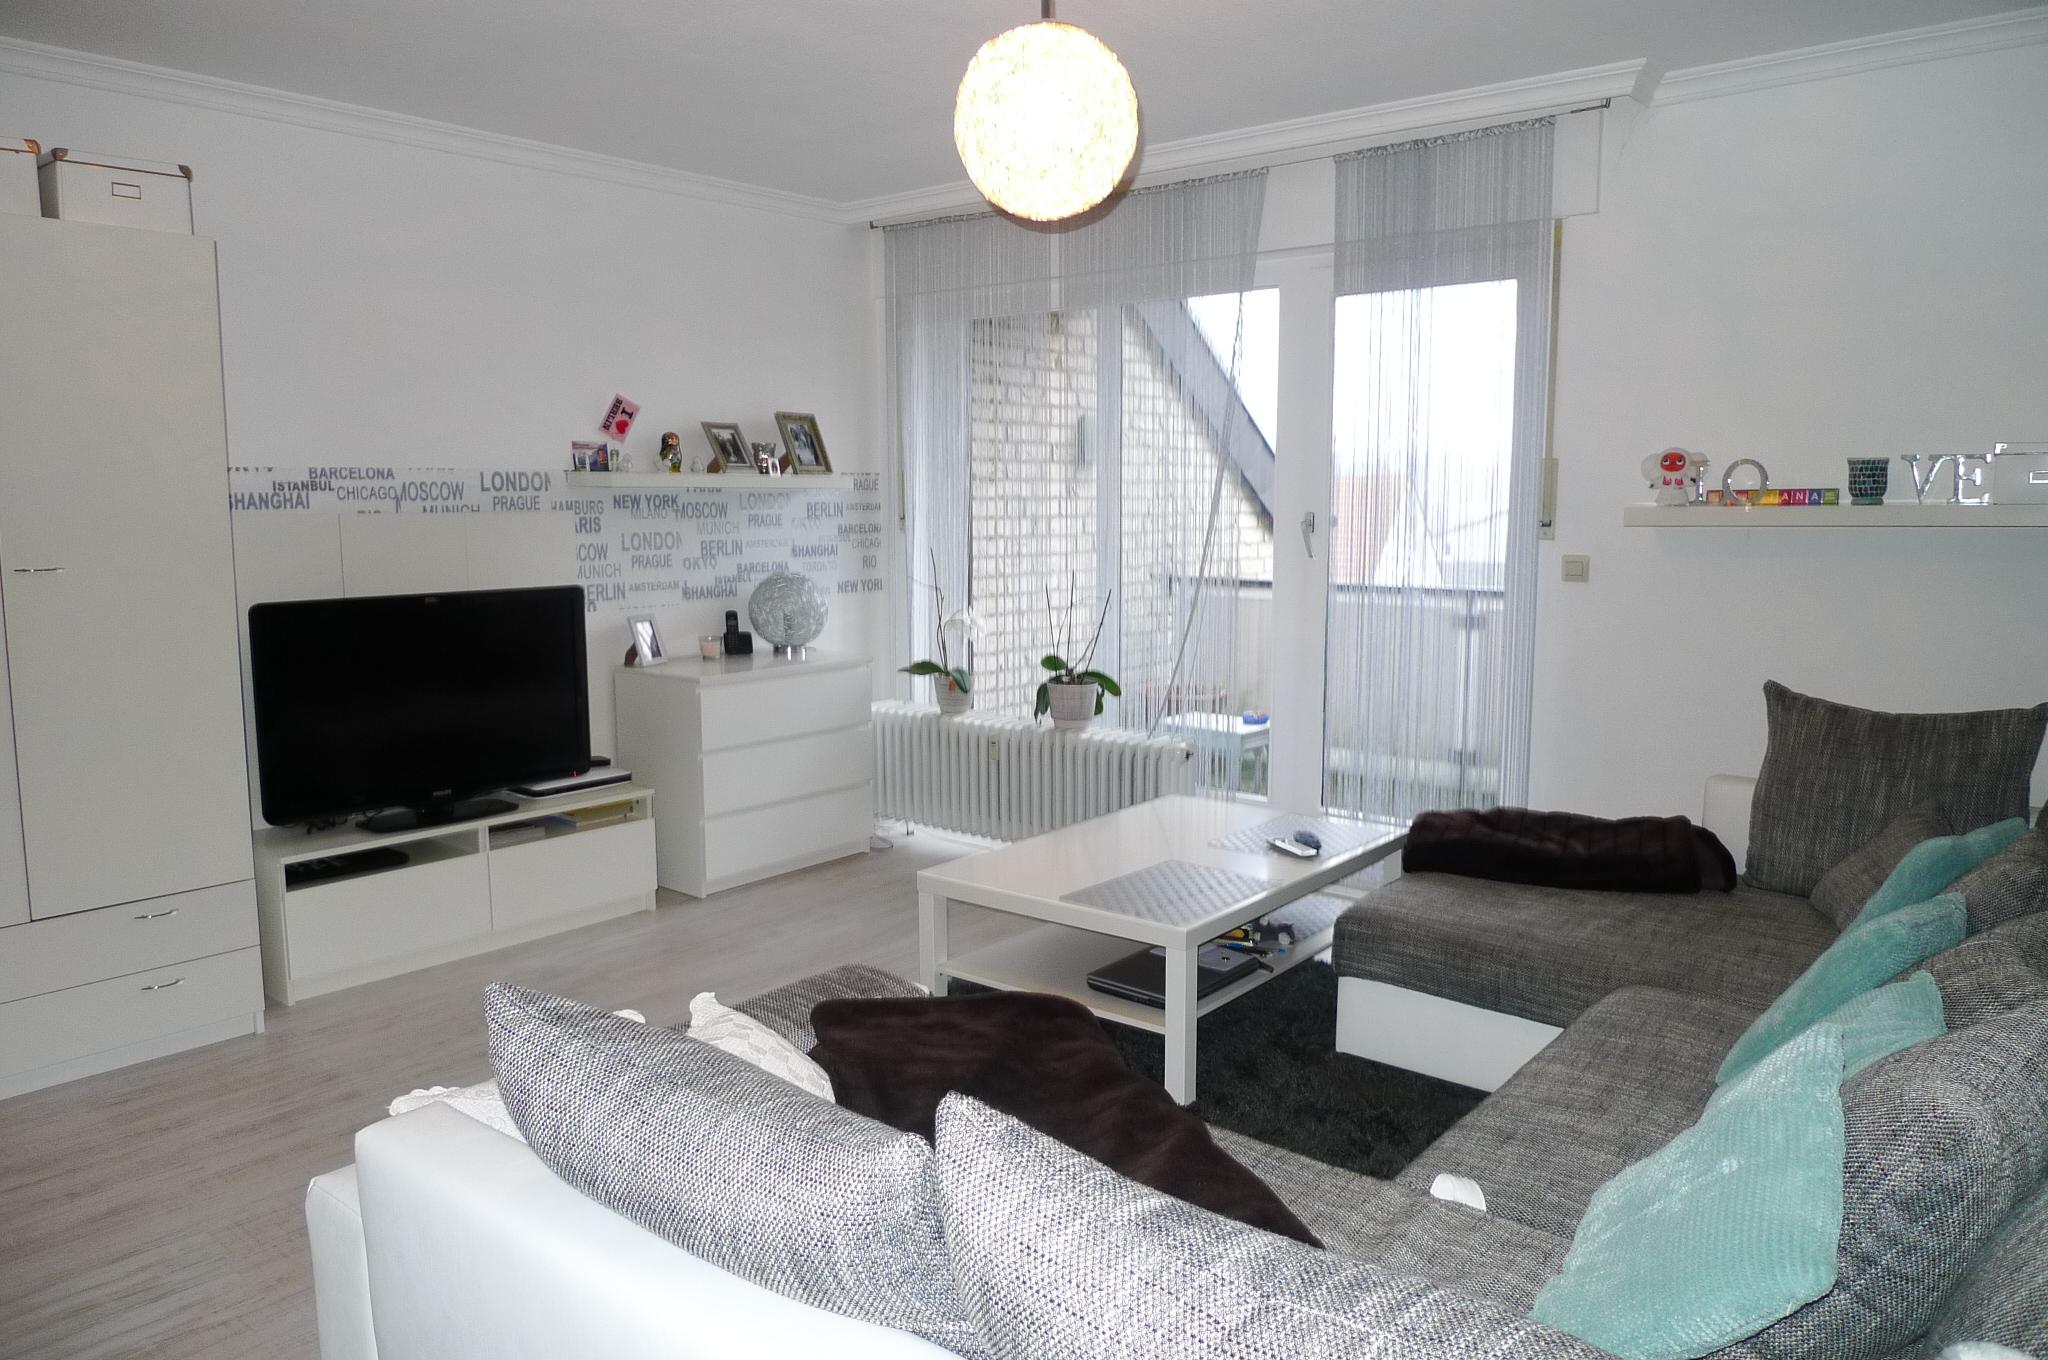 Fabelhaft Einbauküche Angebot Beste Wahl Moderne 1-zimmer Te Wohnung Mit 2 Balkonen